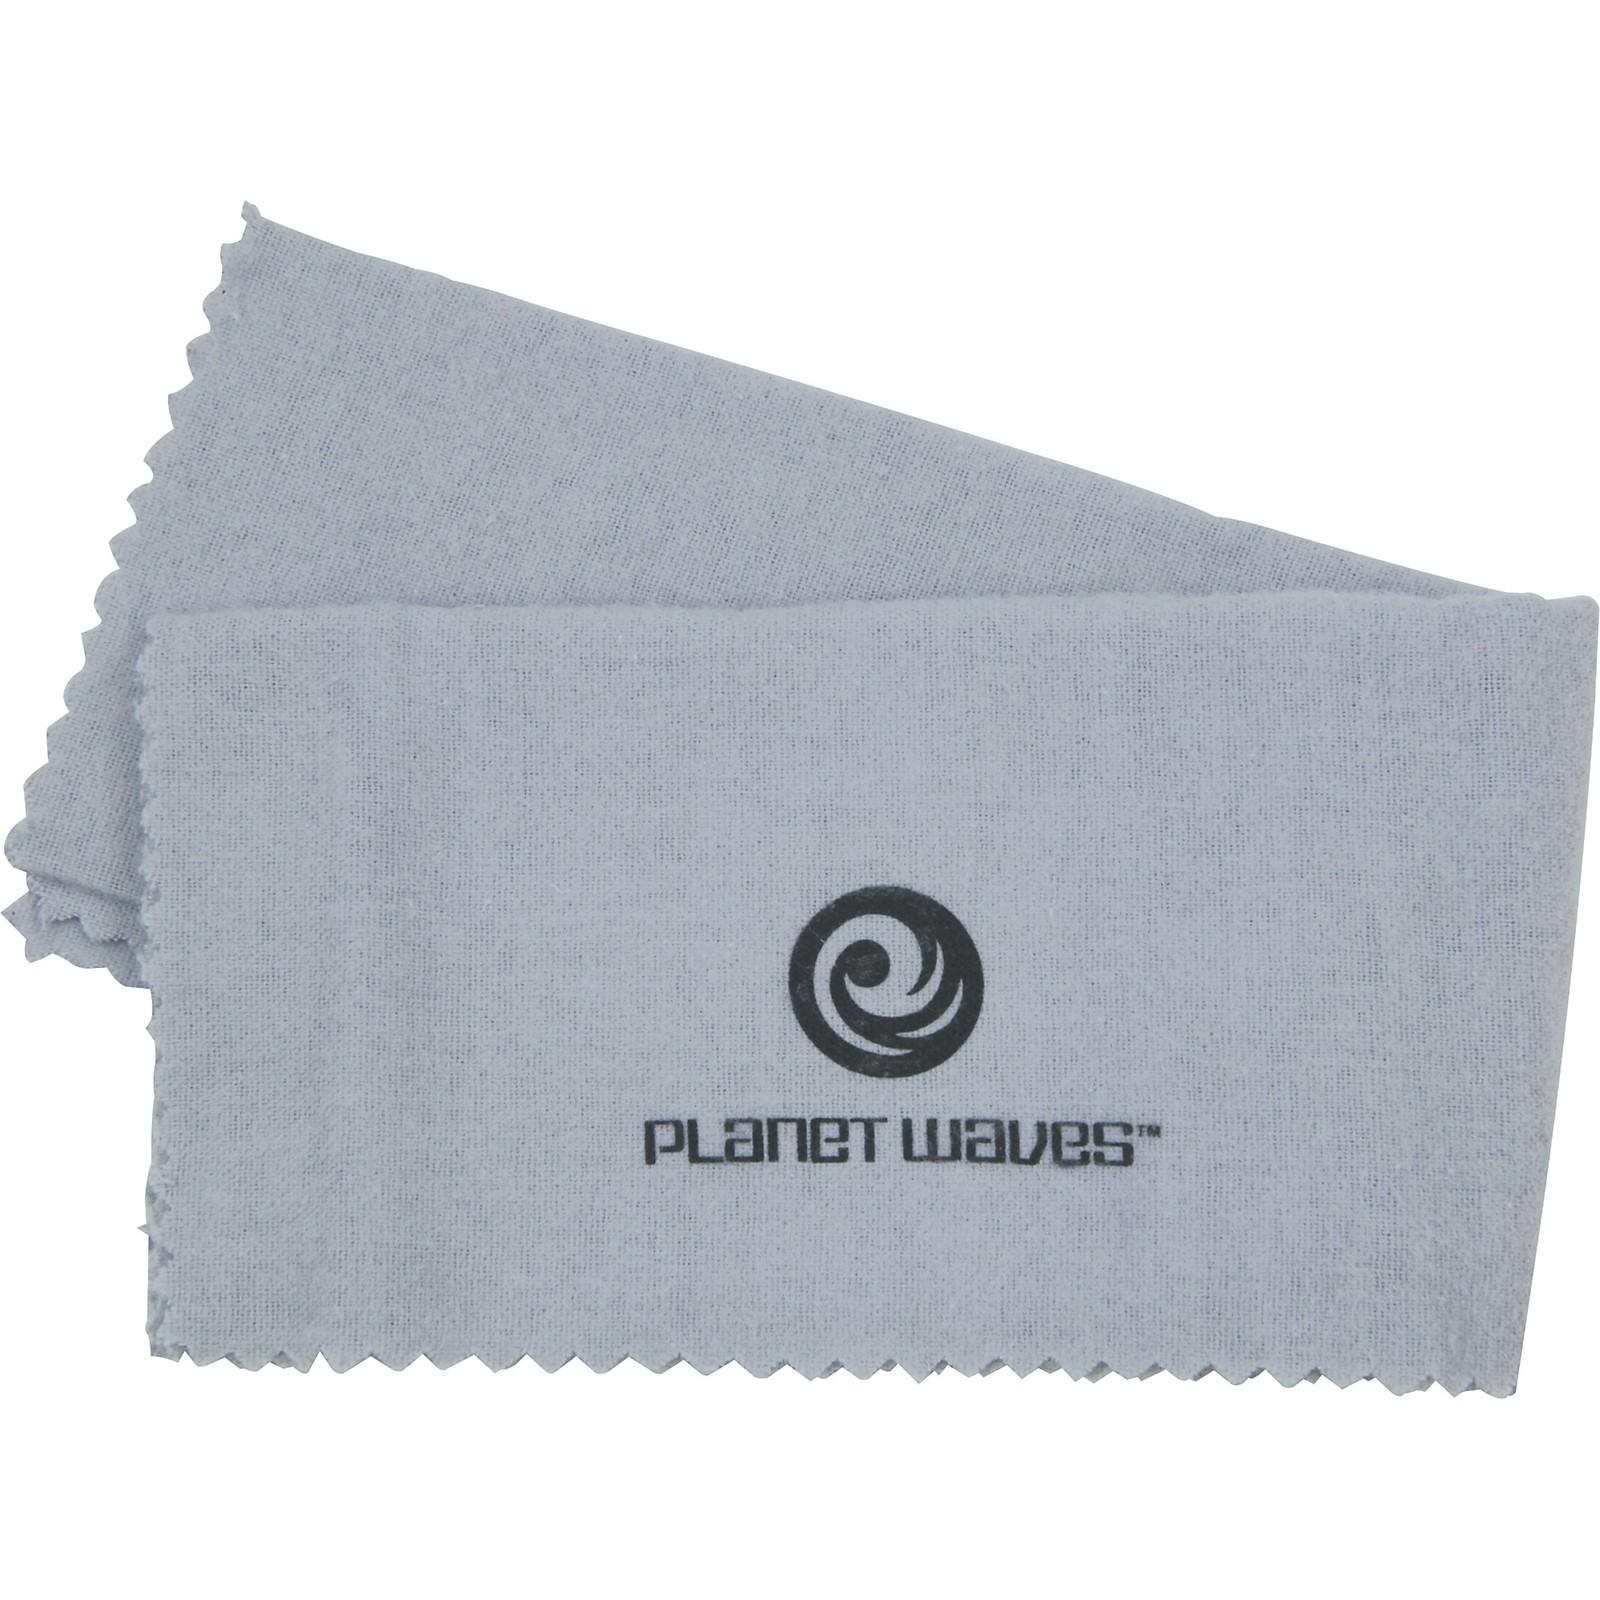 D'Addario Planet Waves Pre-Treated Polishing Cloth